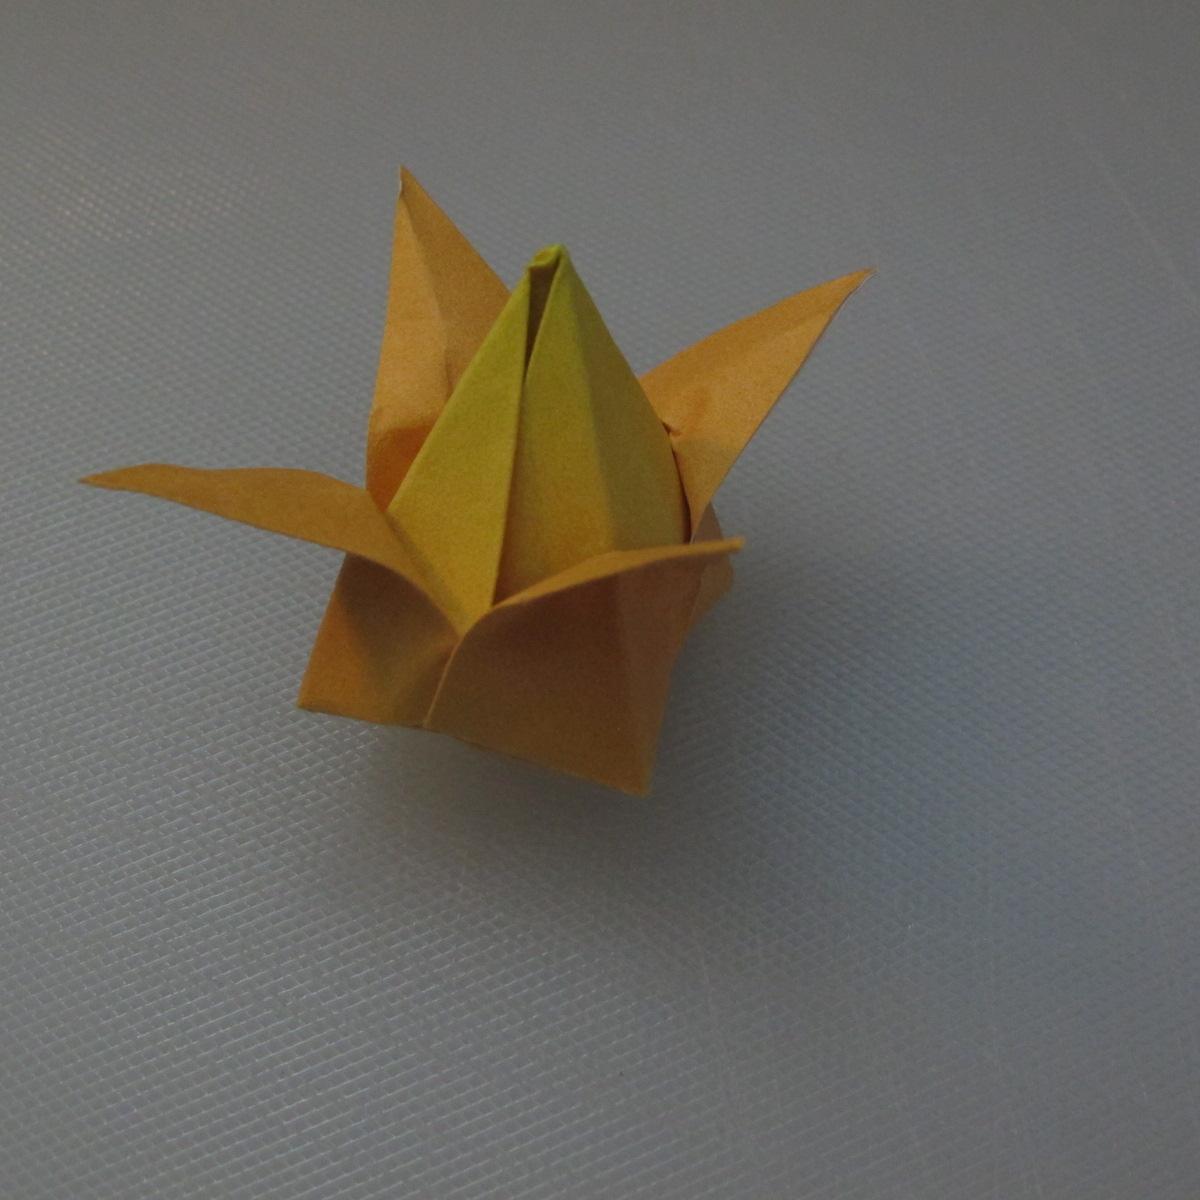 วิธีพับกระดาษเป็นดอกทิวลิป 019